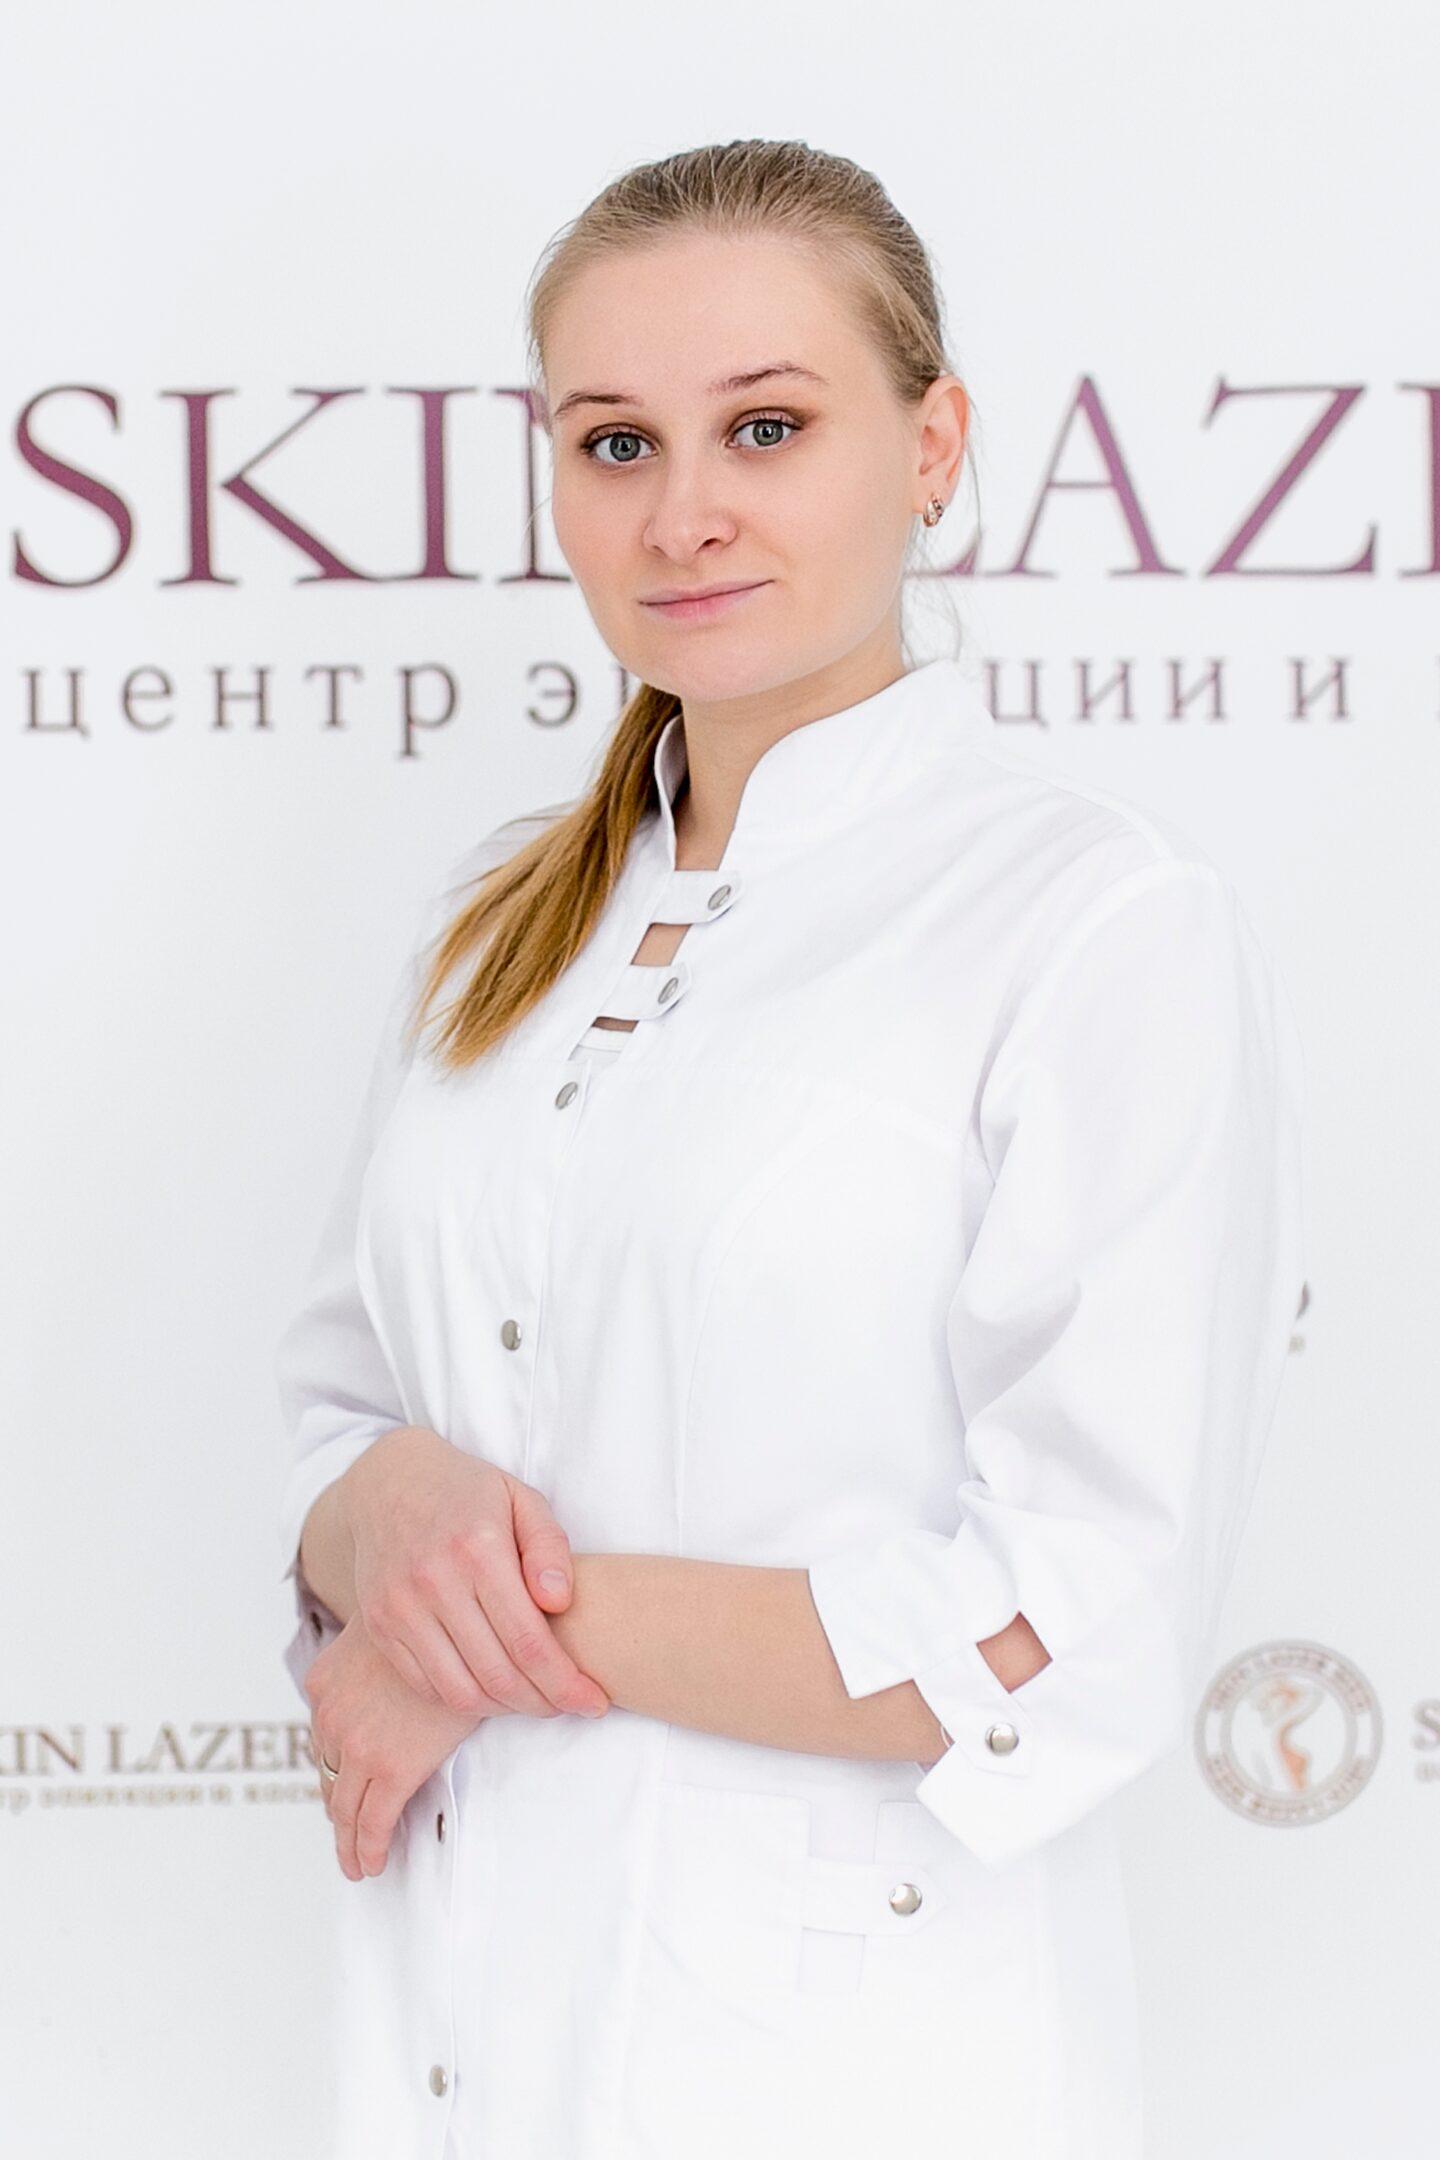 Стасилевич Татьяна Игоревна, врач косметолог, дерматолог